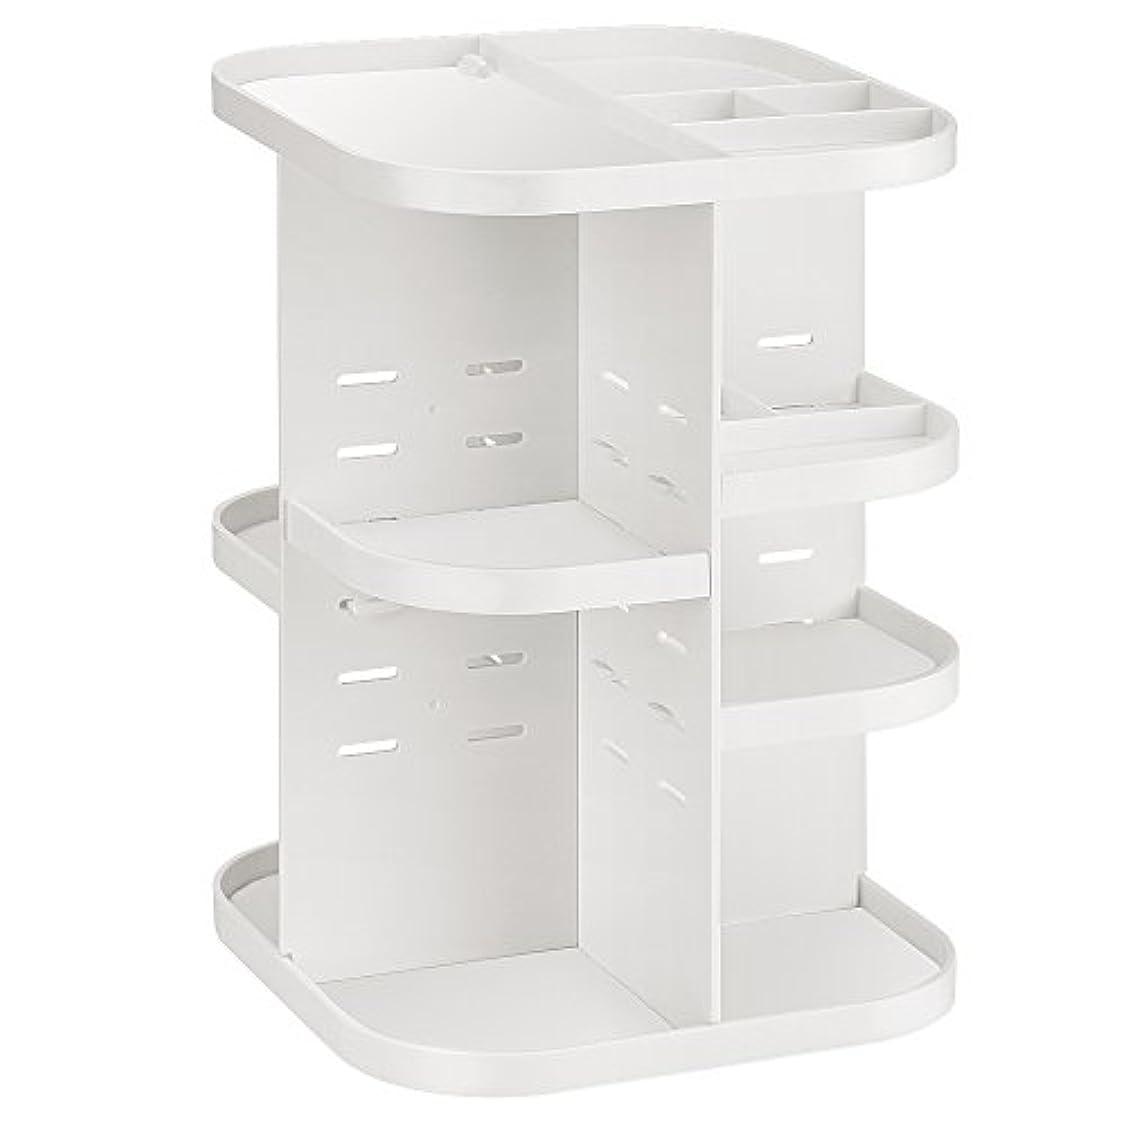 贅沢な異常光KEDSUM コスメ収納ボックス メイクボックス 360度回転式 調節可能 コンパクト 化粧品収納スタンド メイクスタンド ホワイト (日本語組立説明書付き)